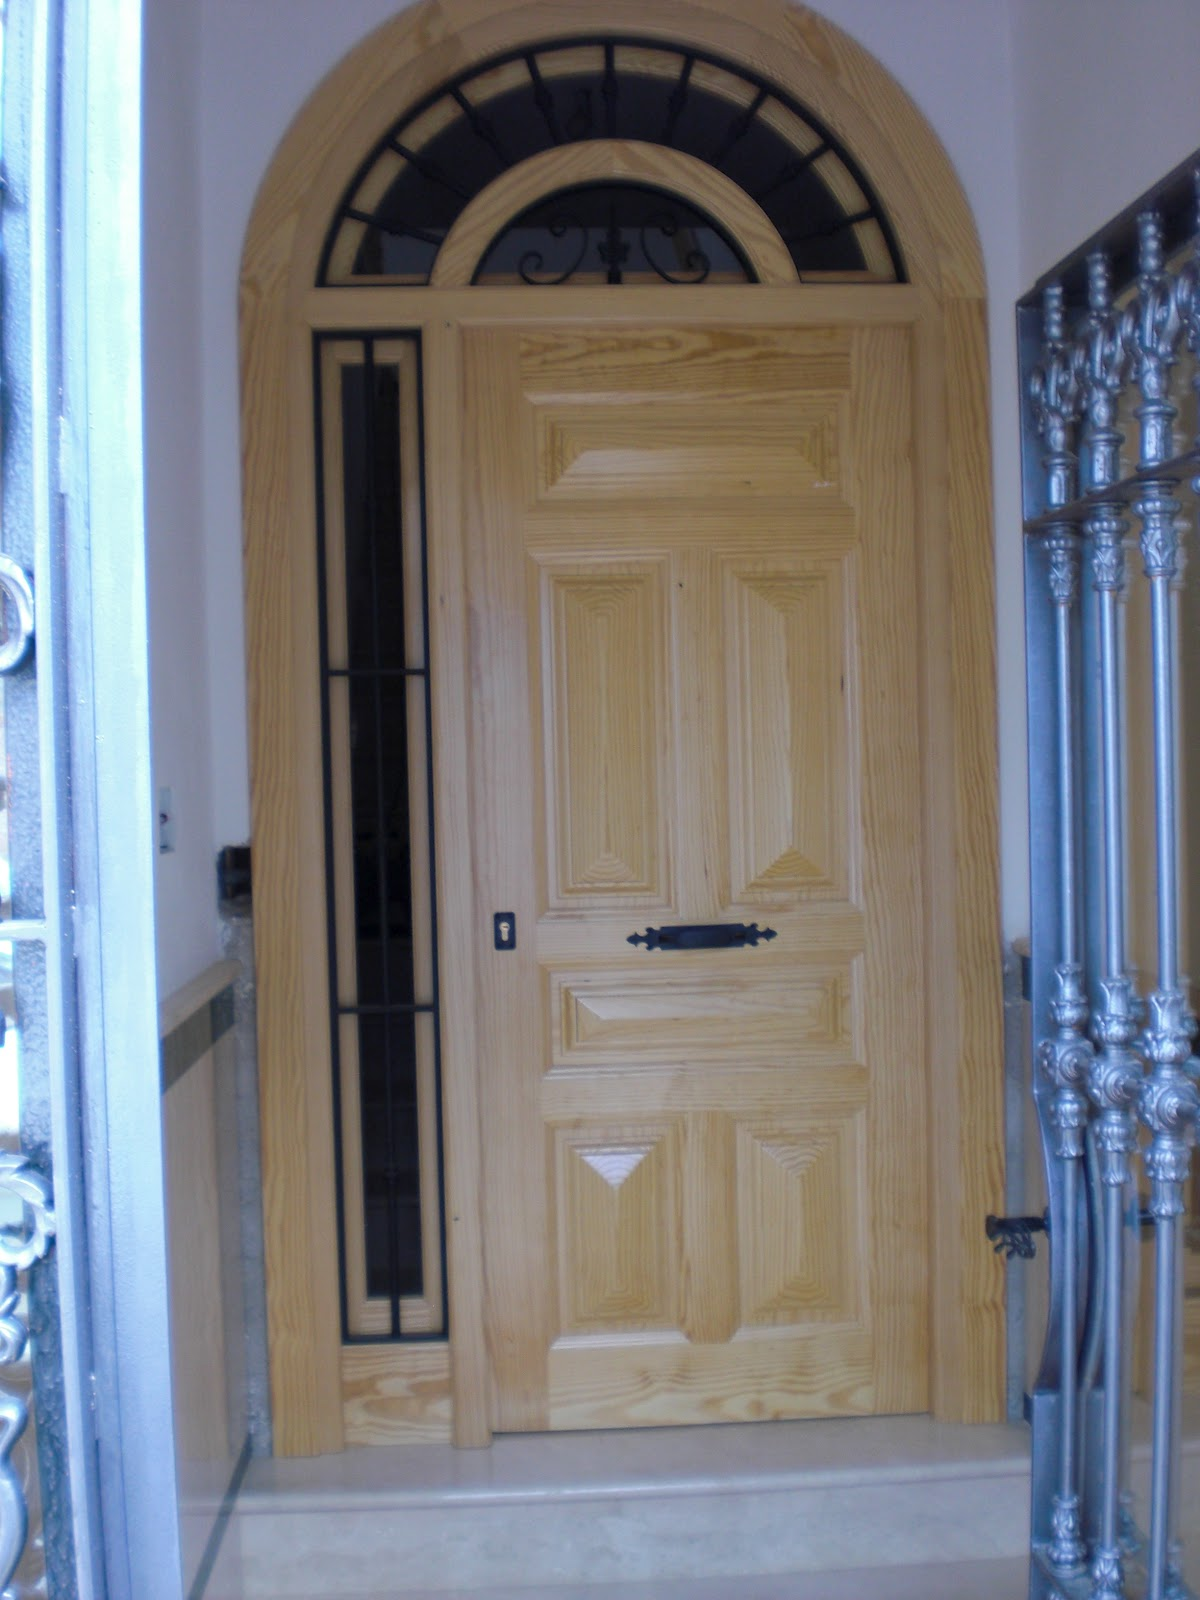 Fotos de puerta doble de entrada medio punto en madera quotes for Arcos de madera para puertas